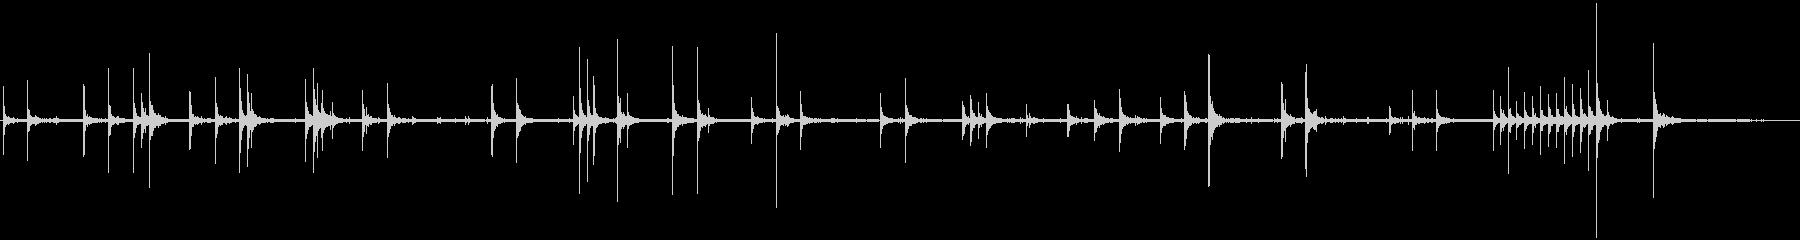 ダブルエンドバッグ:ボクサーワーク...の未再生の波形